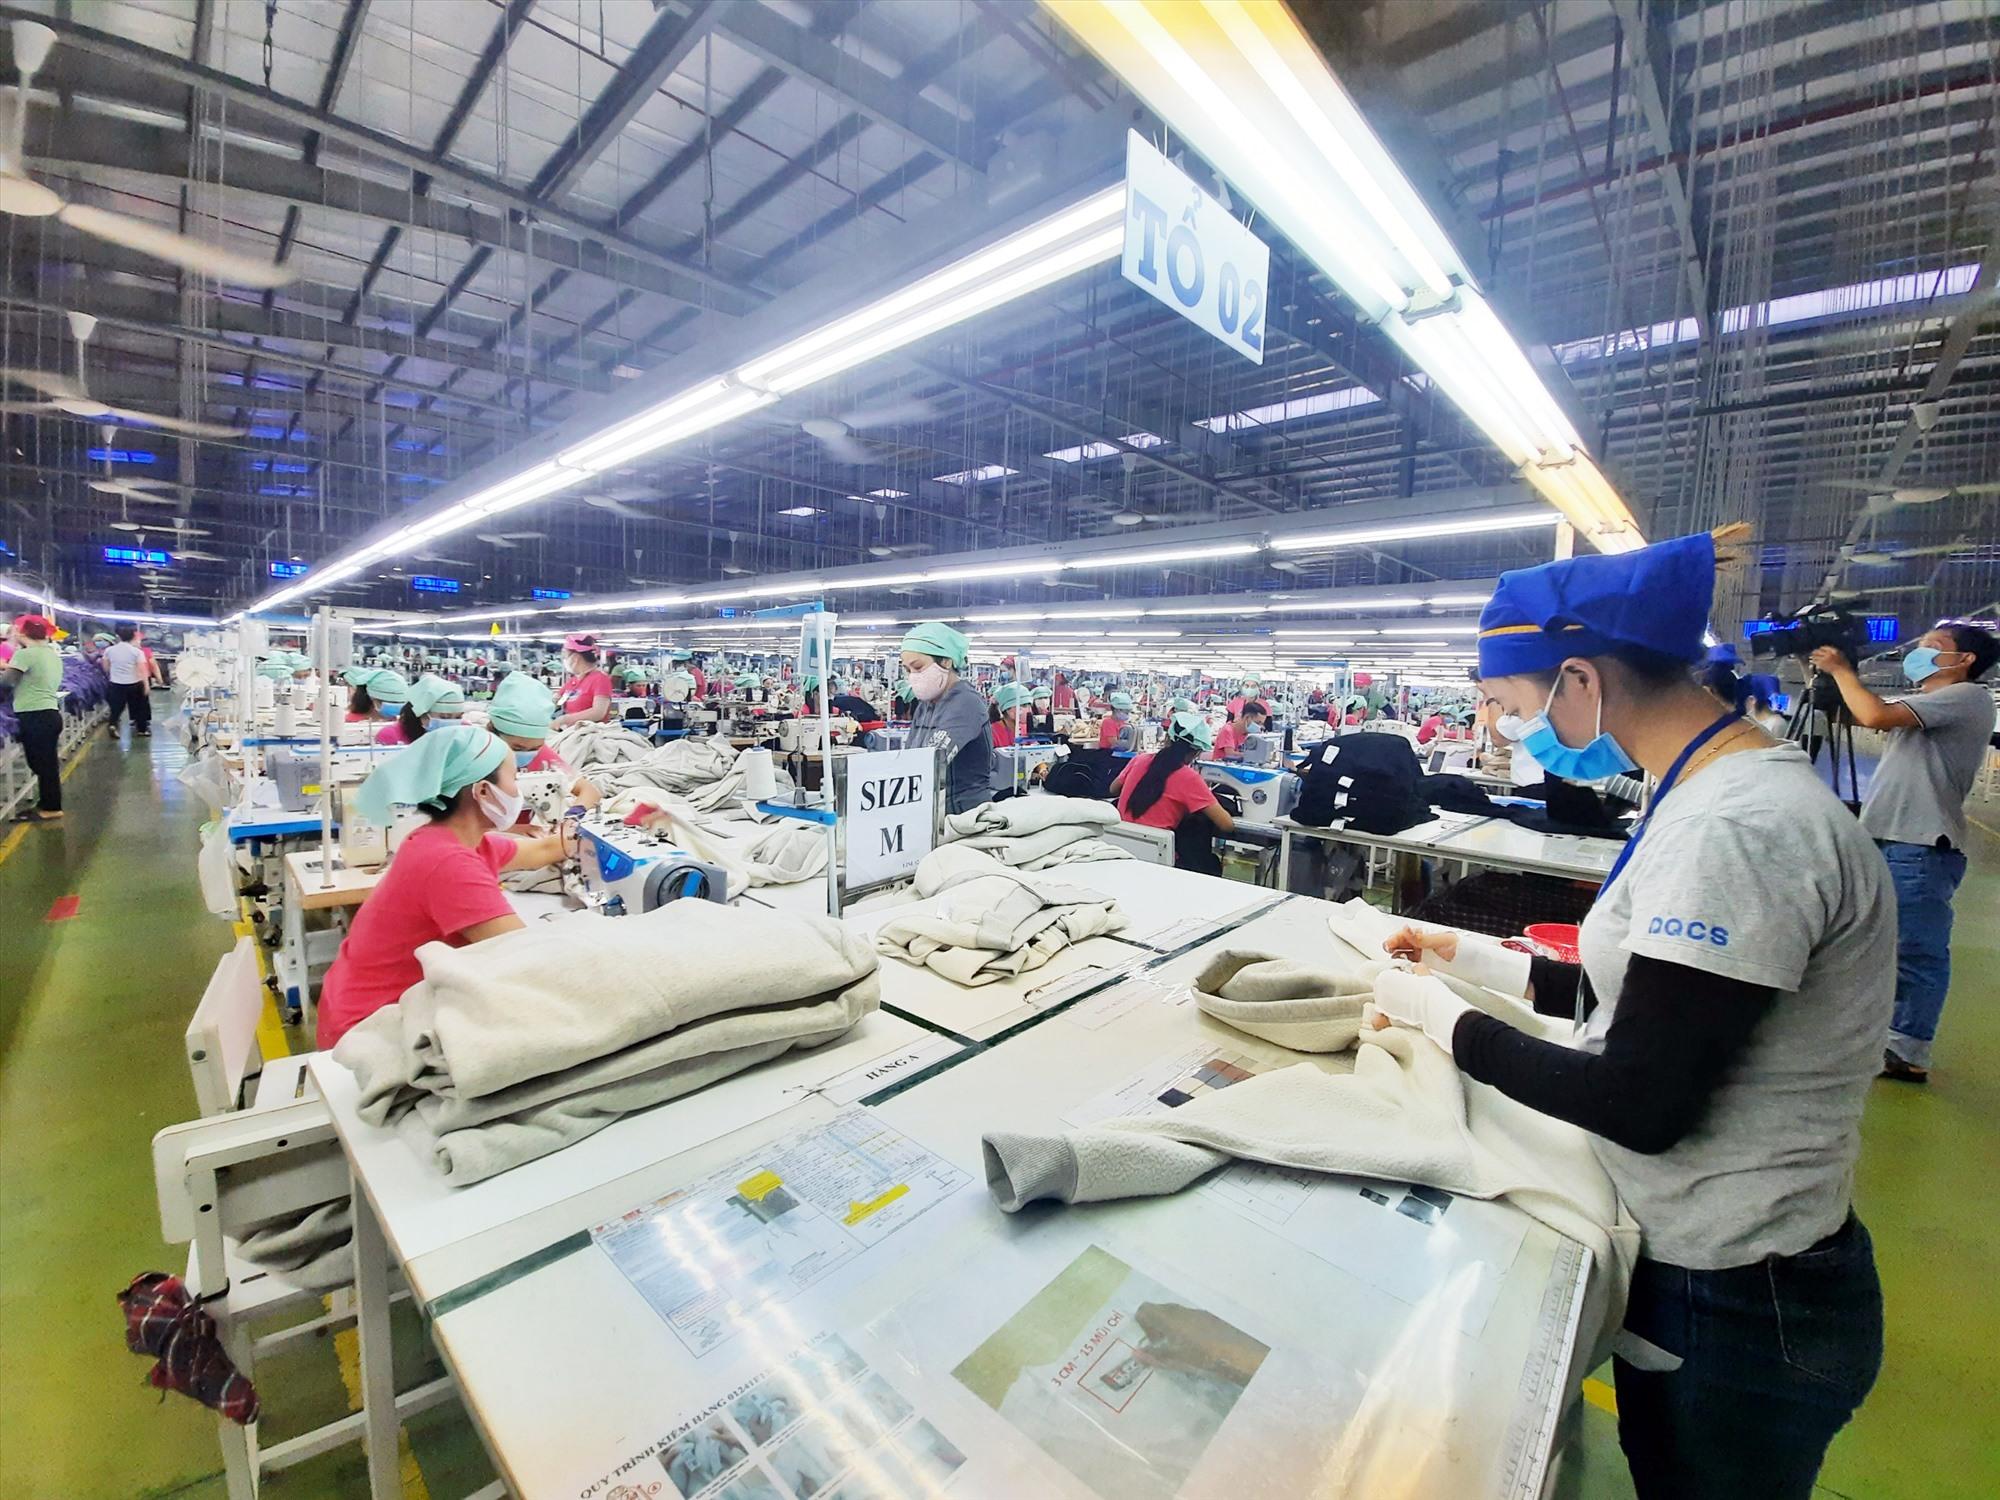 Tại Công ty TNHH MTV Panko Tam Thăng, hơn 7.000 người lao động sẽ được nhận hỗ trợ từ Quỹ Bảo hiểm thất nghiệp. Ảnh: D.L